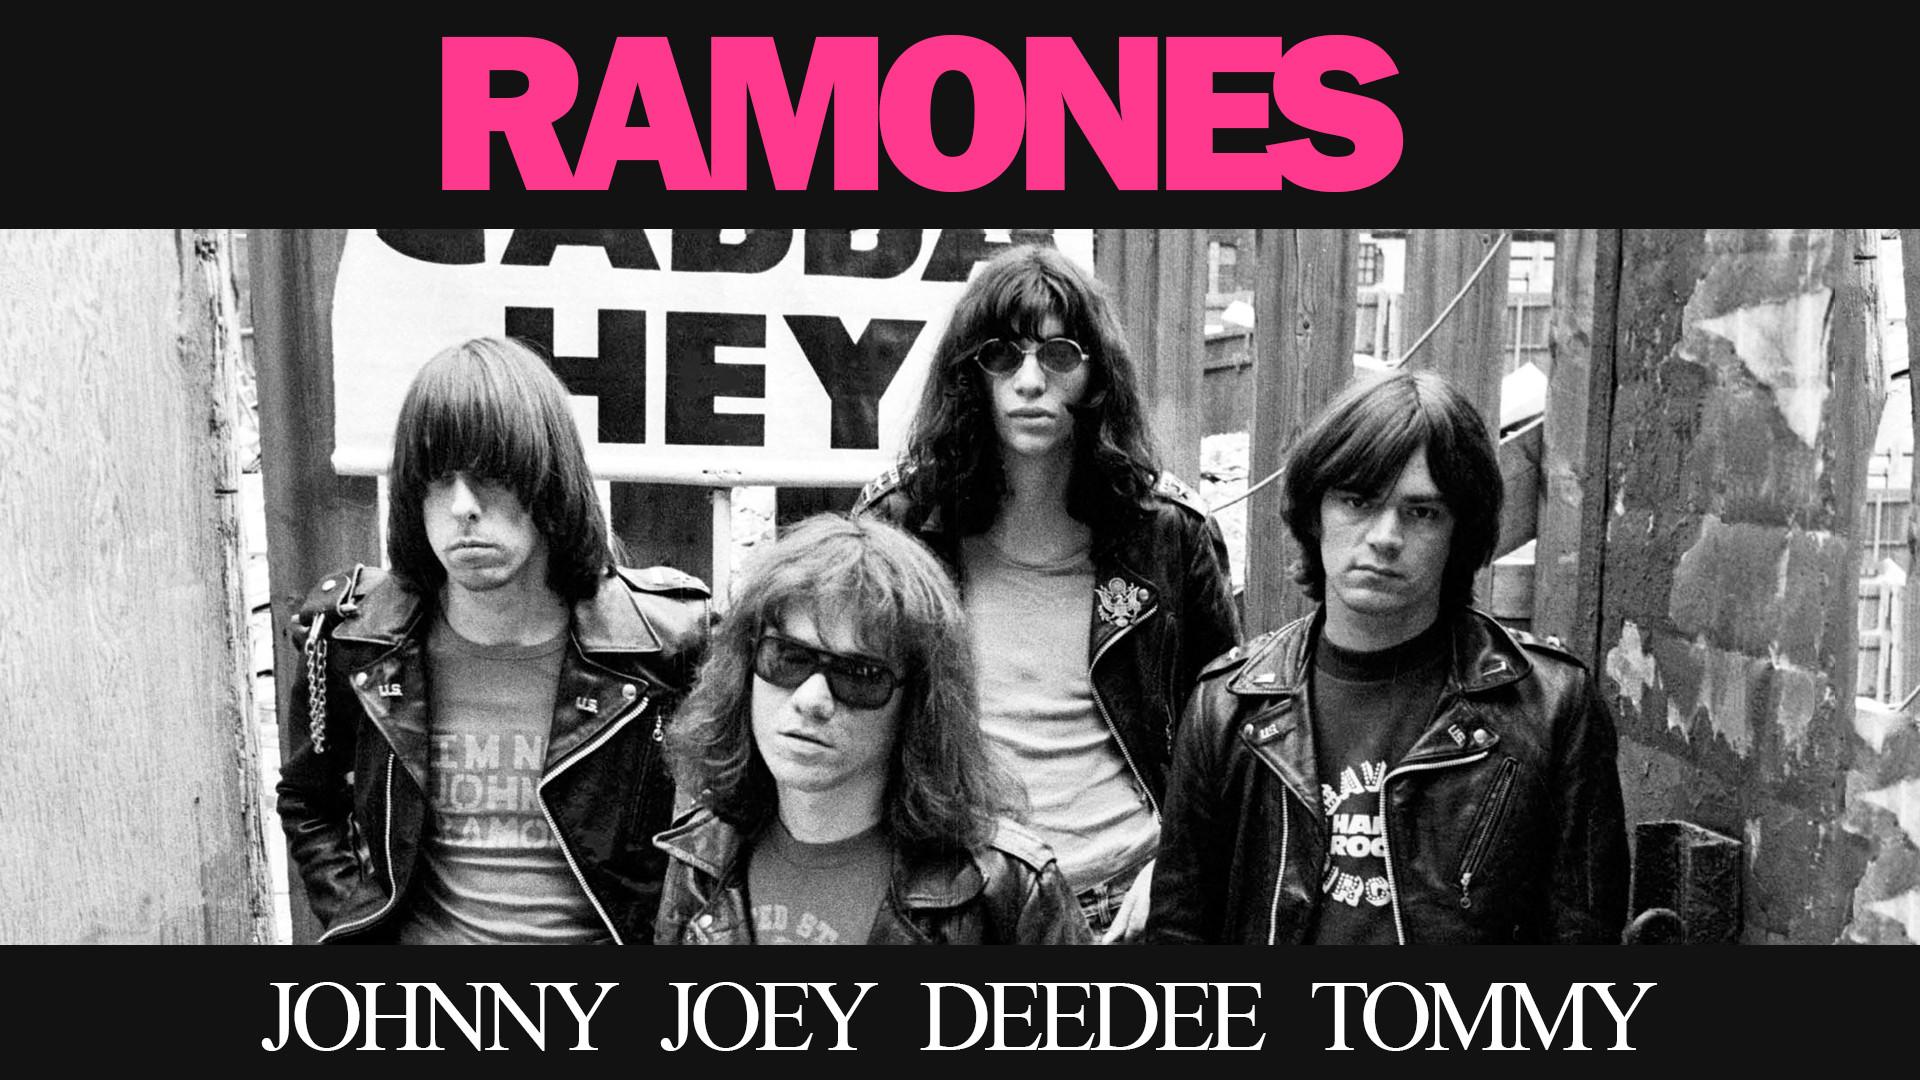 Ramones Wallpaper (60+ pictures)